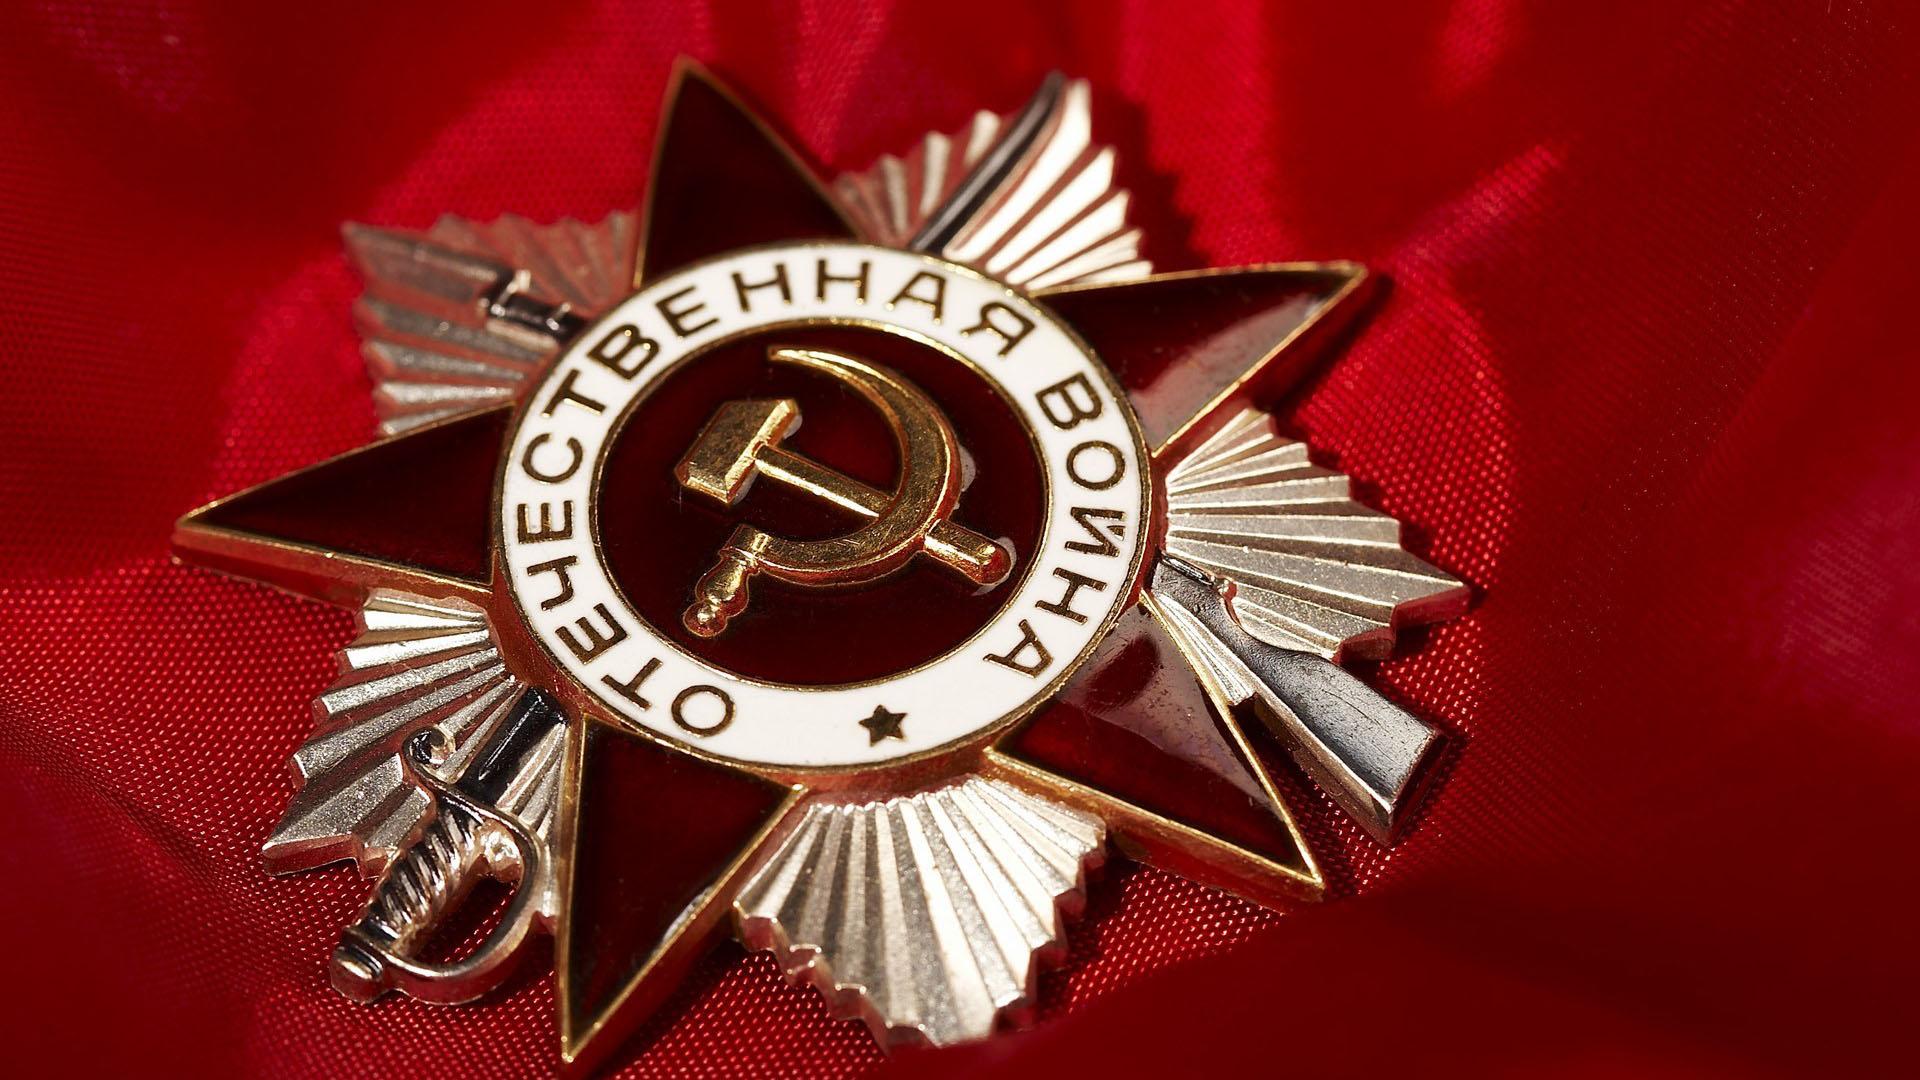 Русские военные фильмы о войне 1941-1945 годов смотреть онлайн бесплатно. Новинки и советские фильмы на День Победы (9 мая)